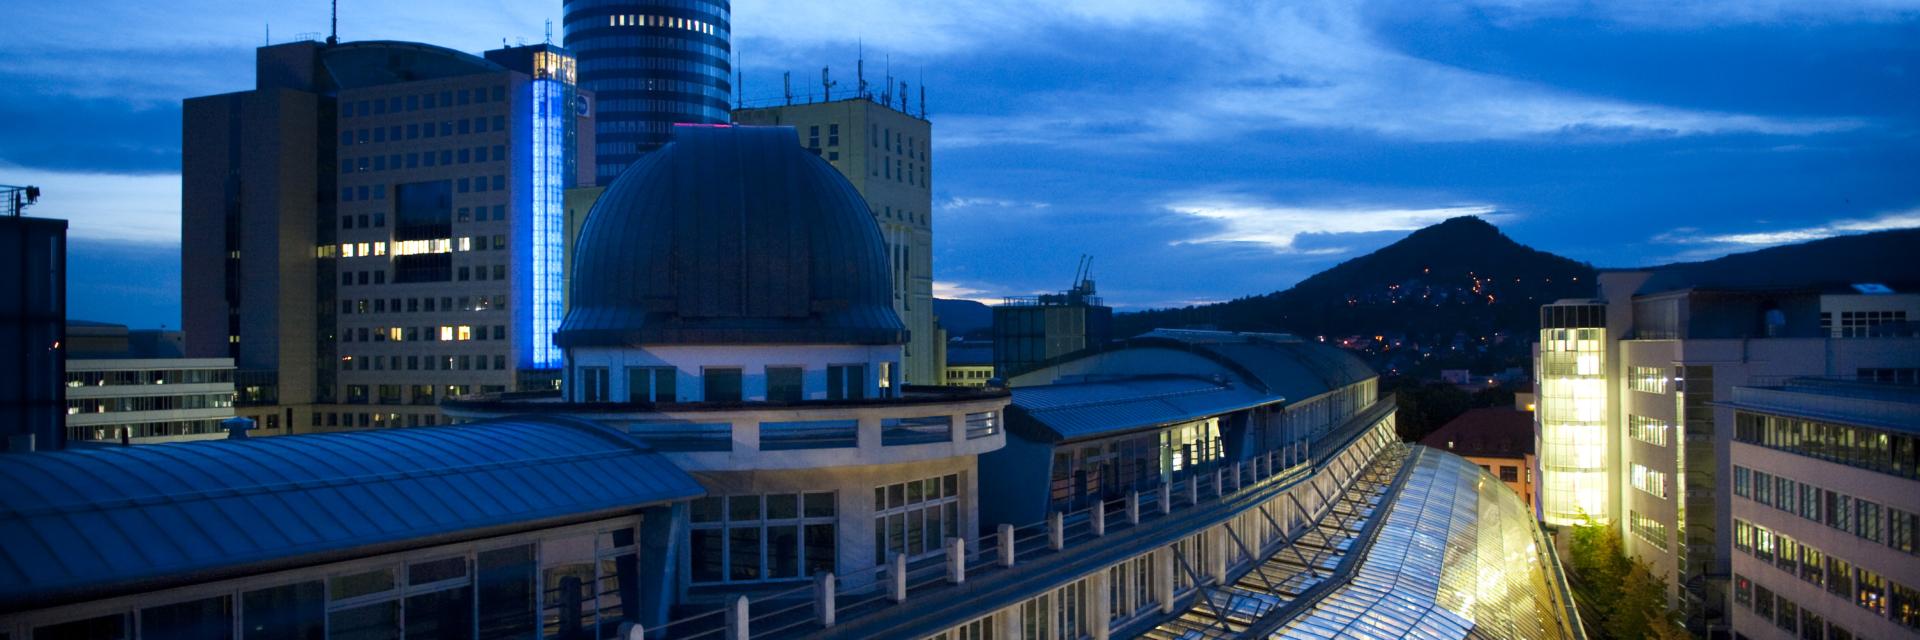 Glasdach der Goethe Galerie bei Nacht und Jentower als Tagungshotel im Hintergrund